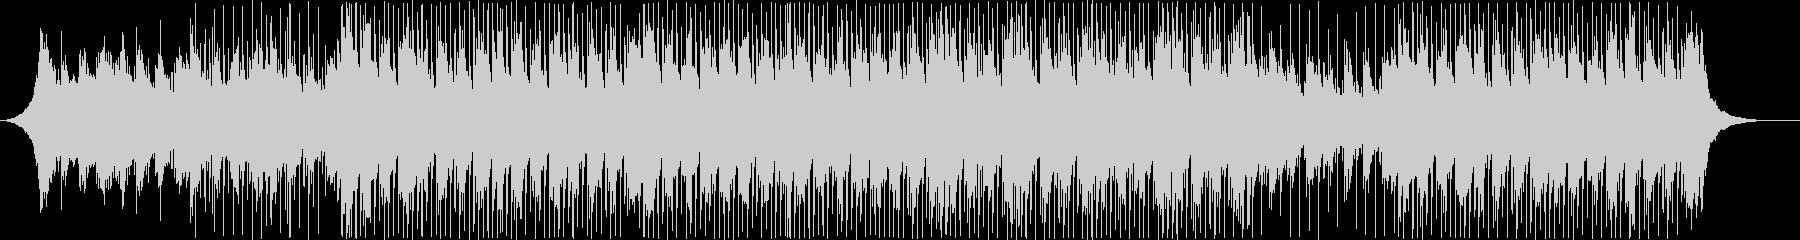 アコギ・ピアノ・壮大・感動的・洋楽風VPの未再生の波形